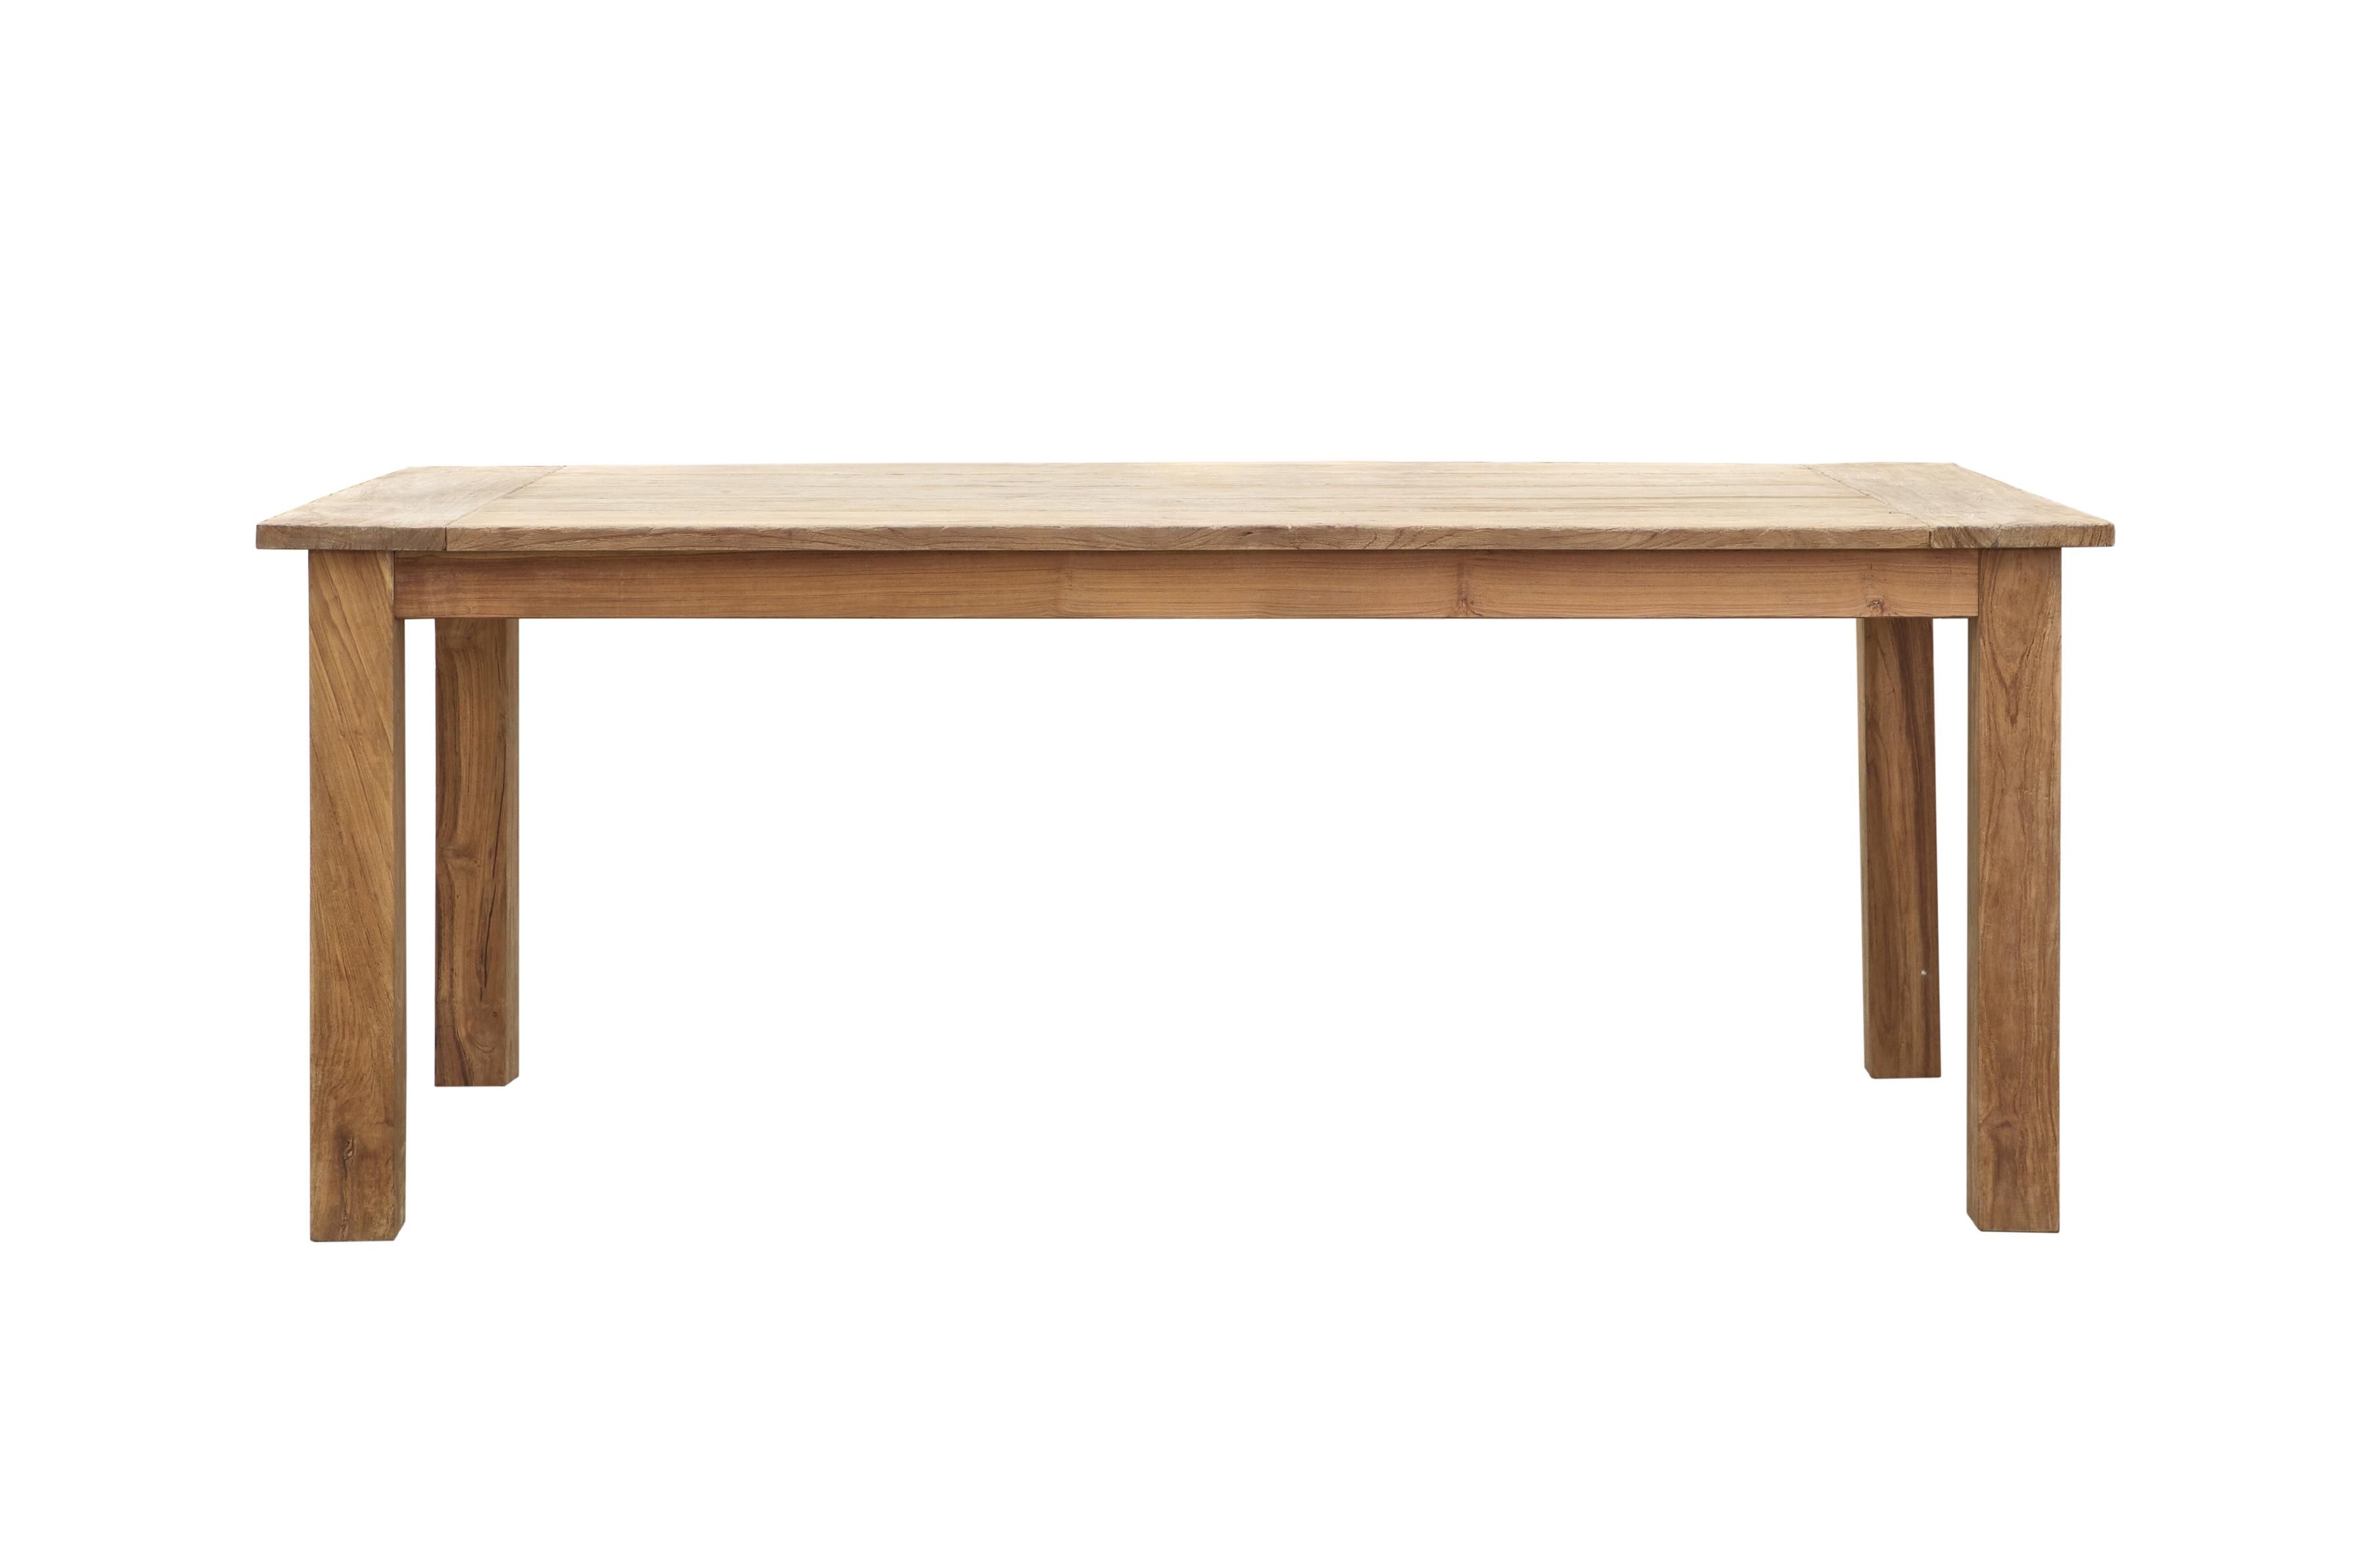 Стол TEAKОбеденные столы<br>Основательный обеденный стол изготовлен на 100% из массива тика. Требуется сборка<br><br>Material: Тик<br>Width см: 200<br>Depth см: 78<br>Height см: 100